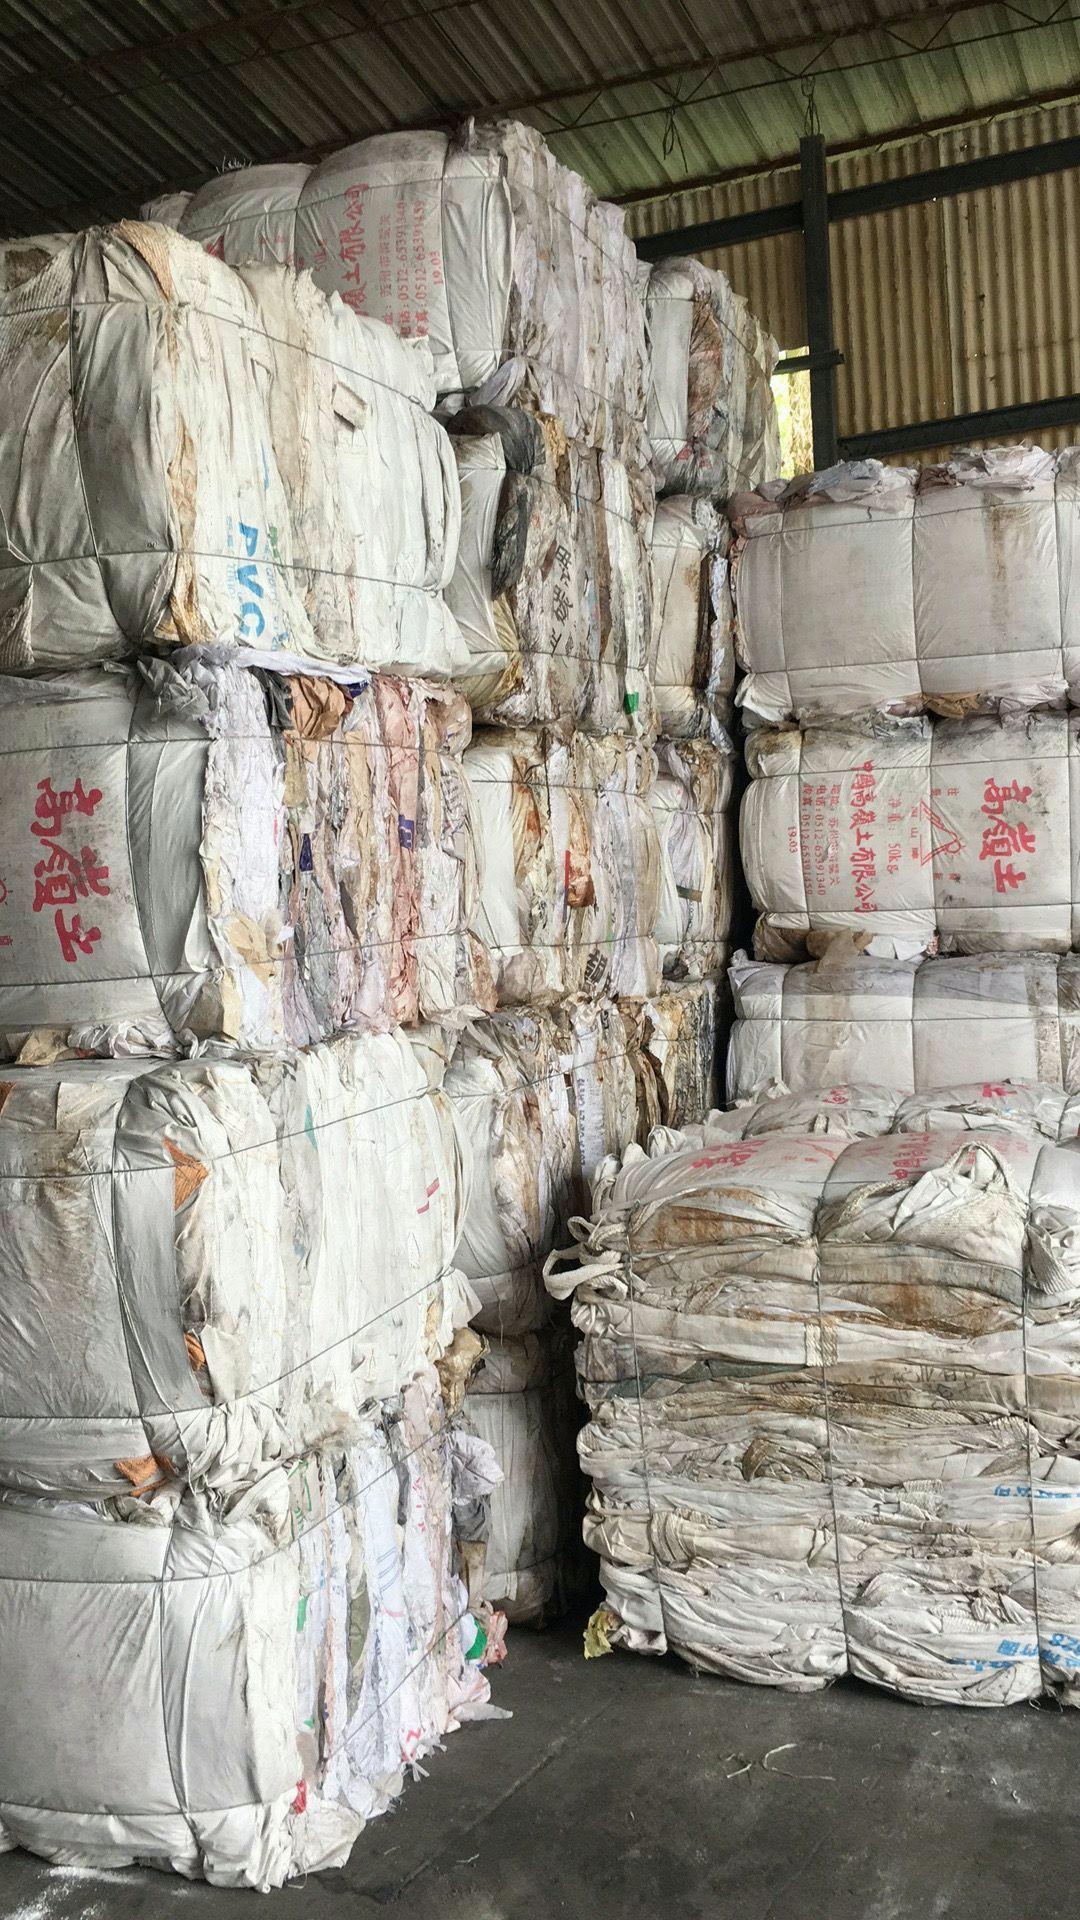 化州市回收废旧编织袋_,回收废旧编织袋 废旧纤维袋回收 废旧吨袋回收 全国收购旧吨袋供应商_